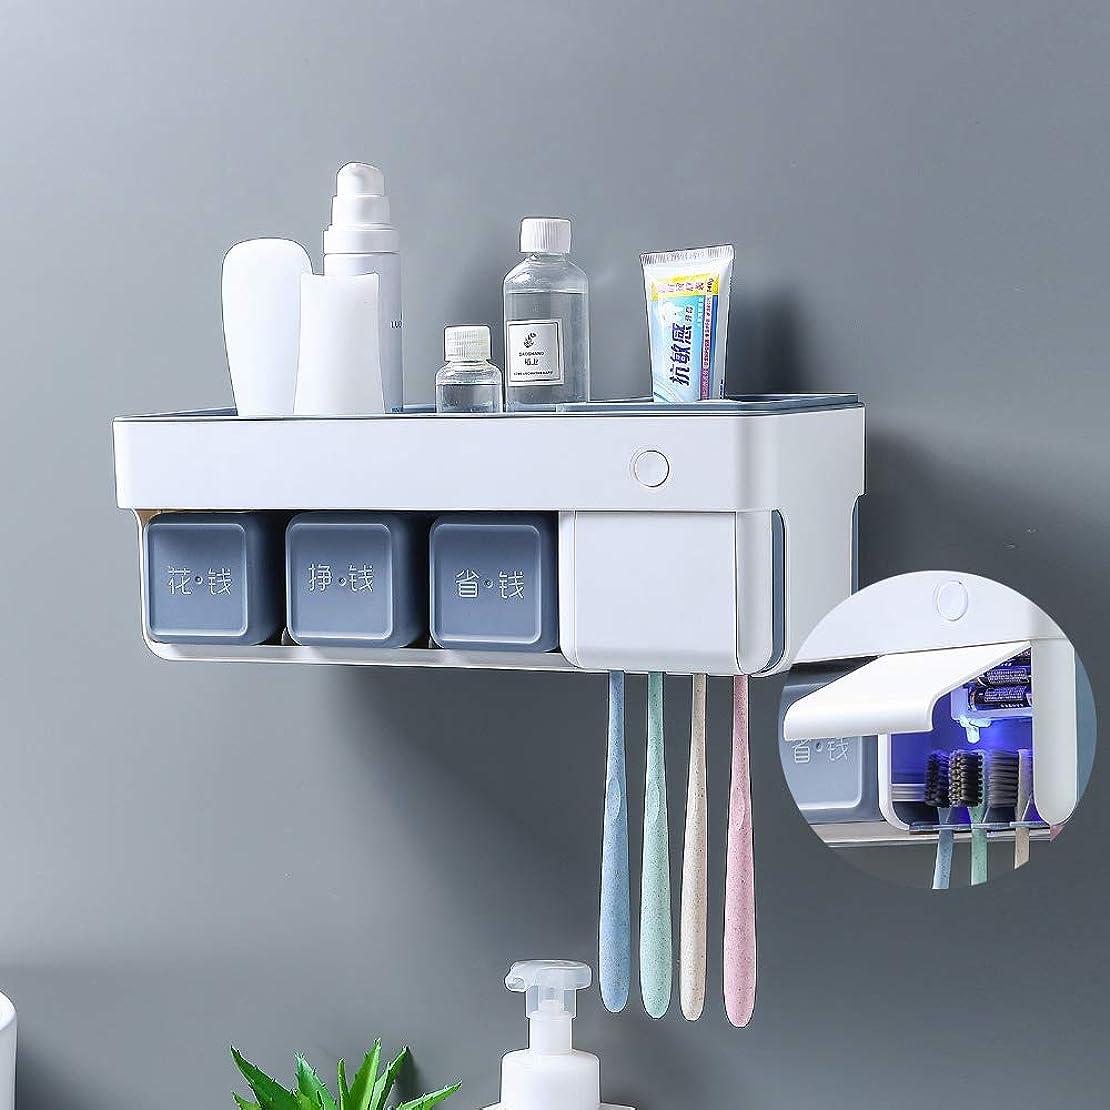 比較的守るウガンダYeaKoo 2way 歯ブラシ除菌器 UV除菌機 浴室ラック 収納ラック 一台多役 紫外線消毒 殺菌率99.99%以上 壁掛け 吸盤式 プラスチック製 穴不要 壁傷つけない 静音 耐荷重5kg 引越し祝いに